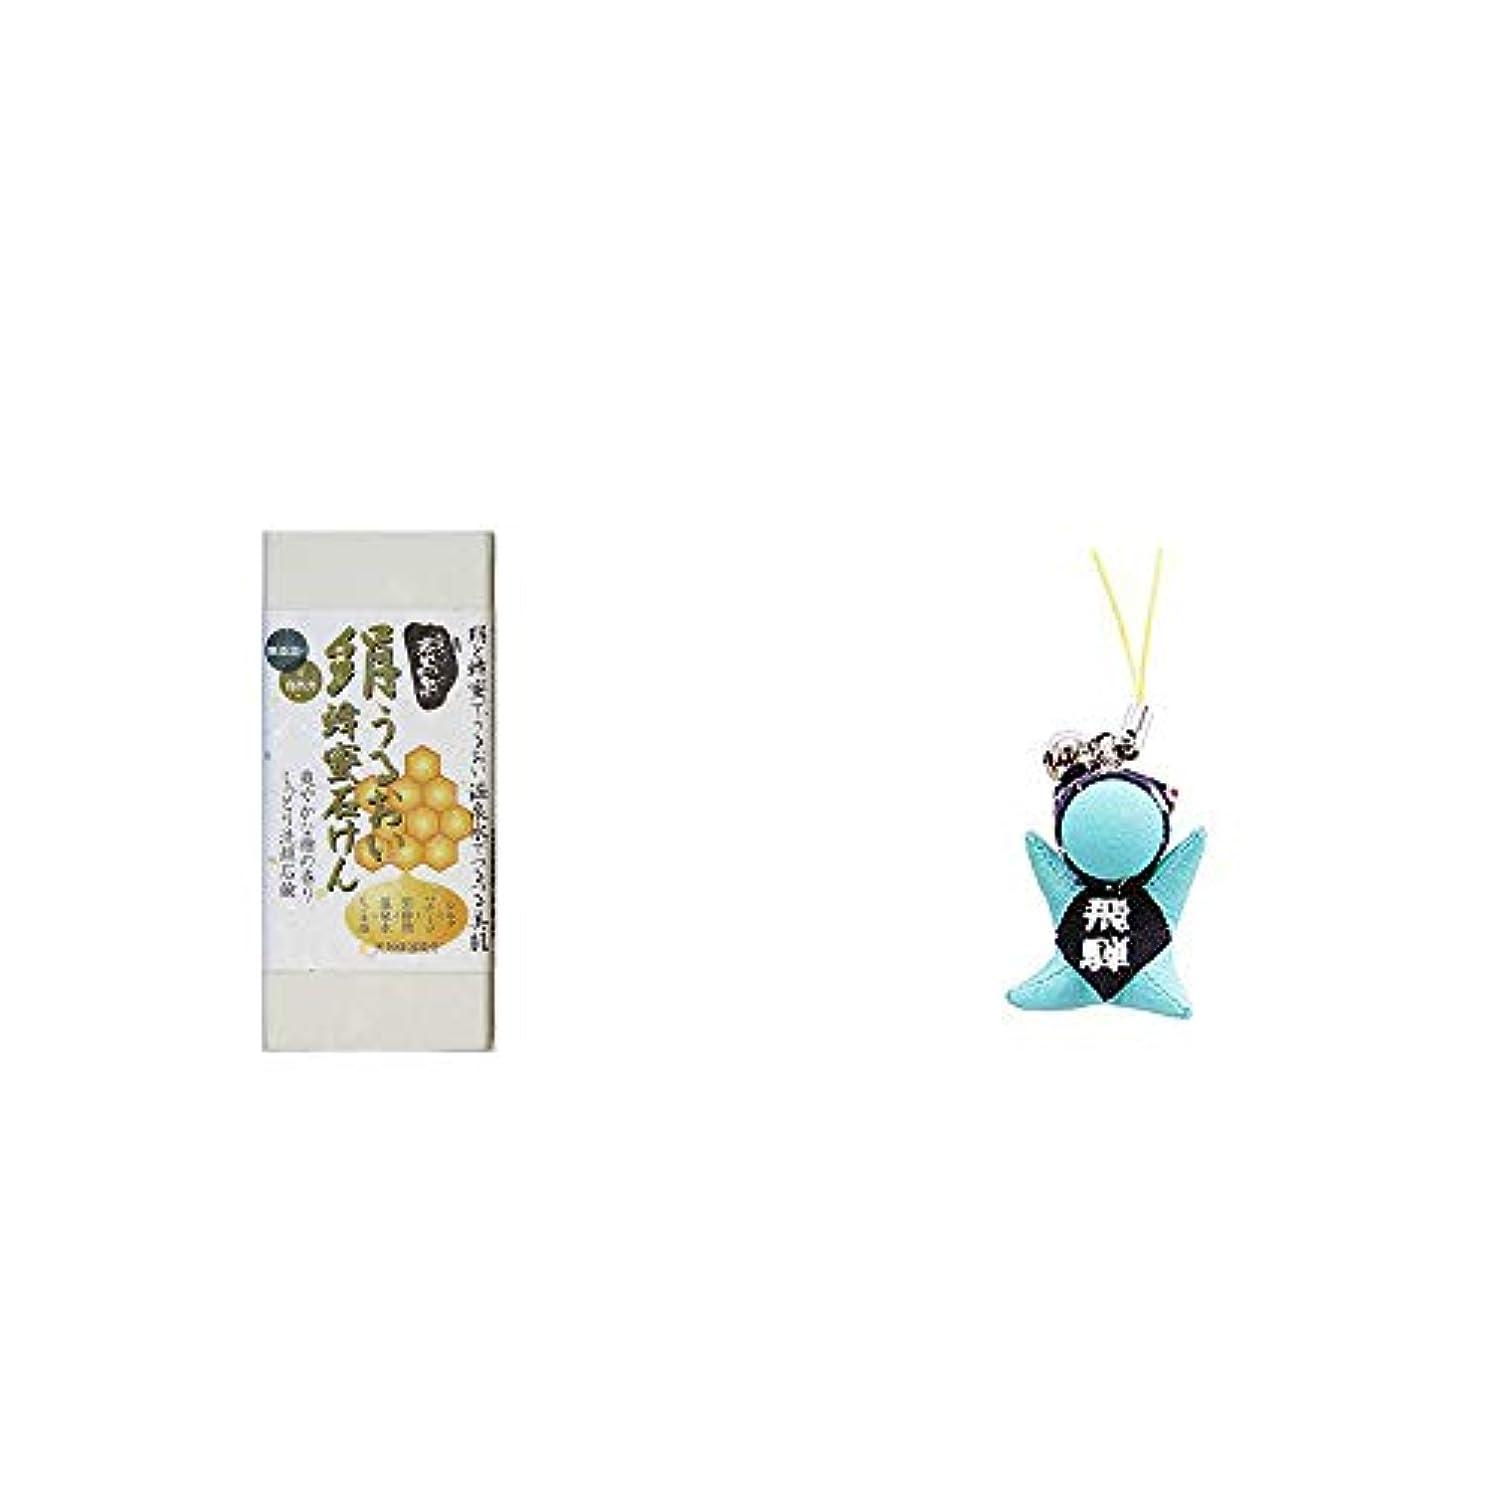 ペデスタルましい応用[2点セット] ひのき炭黒泉 絹うるおい蜂蜜石けん(75g×2)?さるぼぼ幸福ストラップ 【青】 / 風水カラー全9種類 合格祈願?出世祈願 お守り//